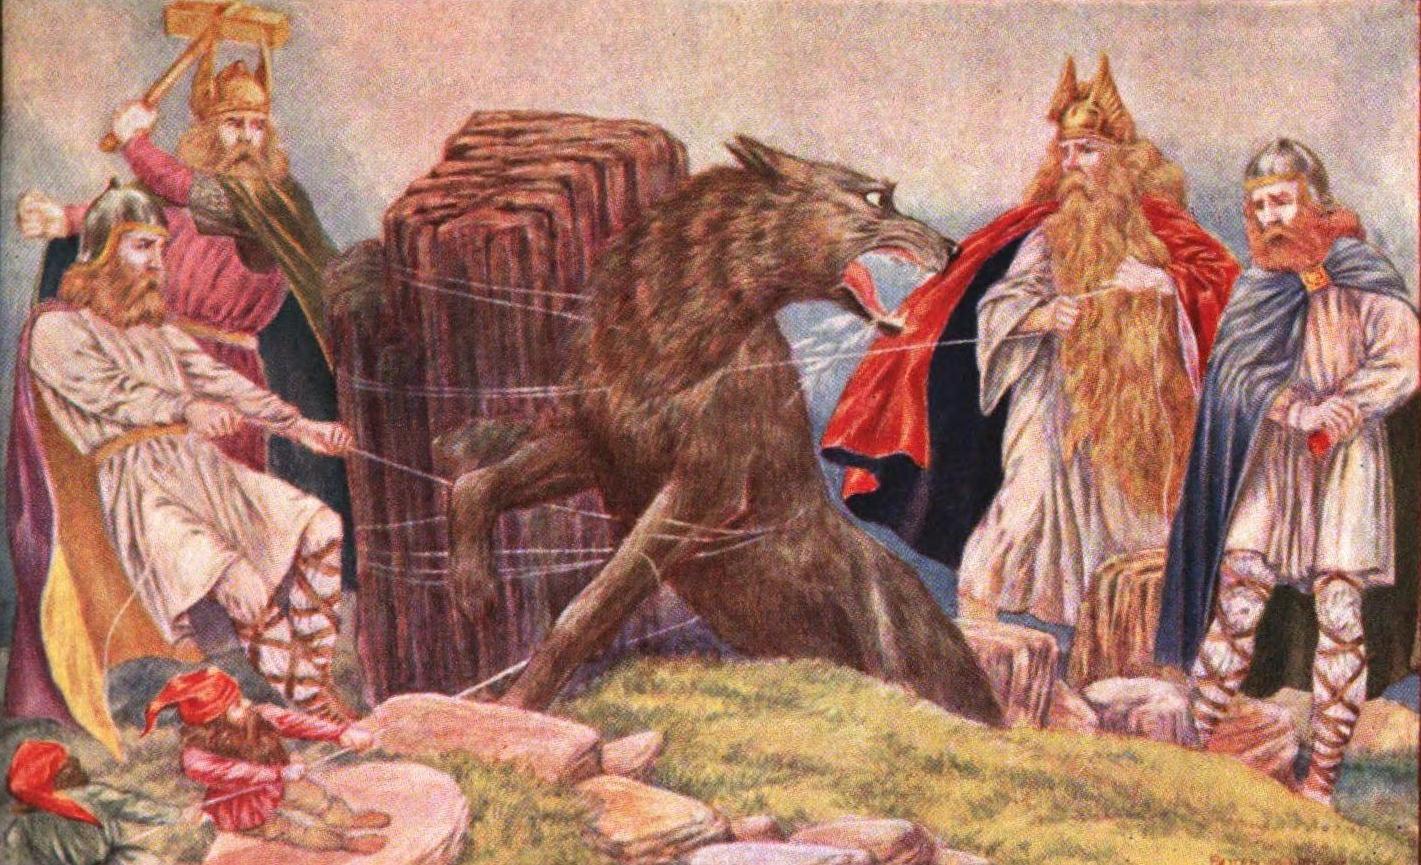 Image of Gods binding Fenrir